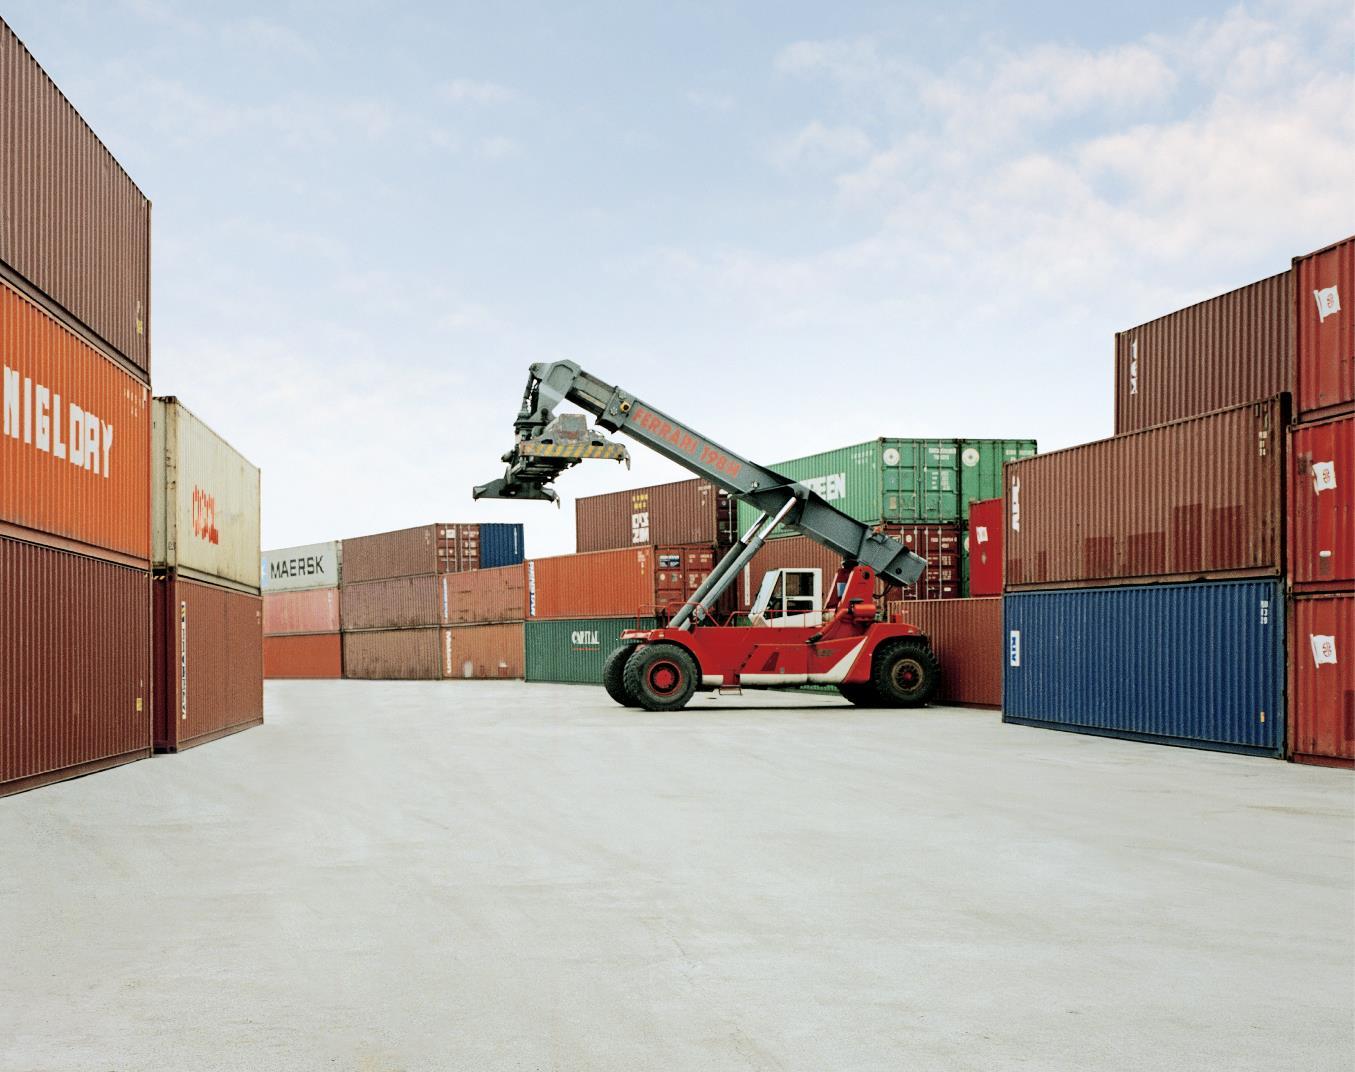 科莱恩针对家具运输防潮推出Container Dri II干燥剂产品系列